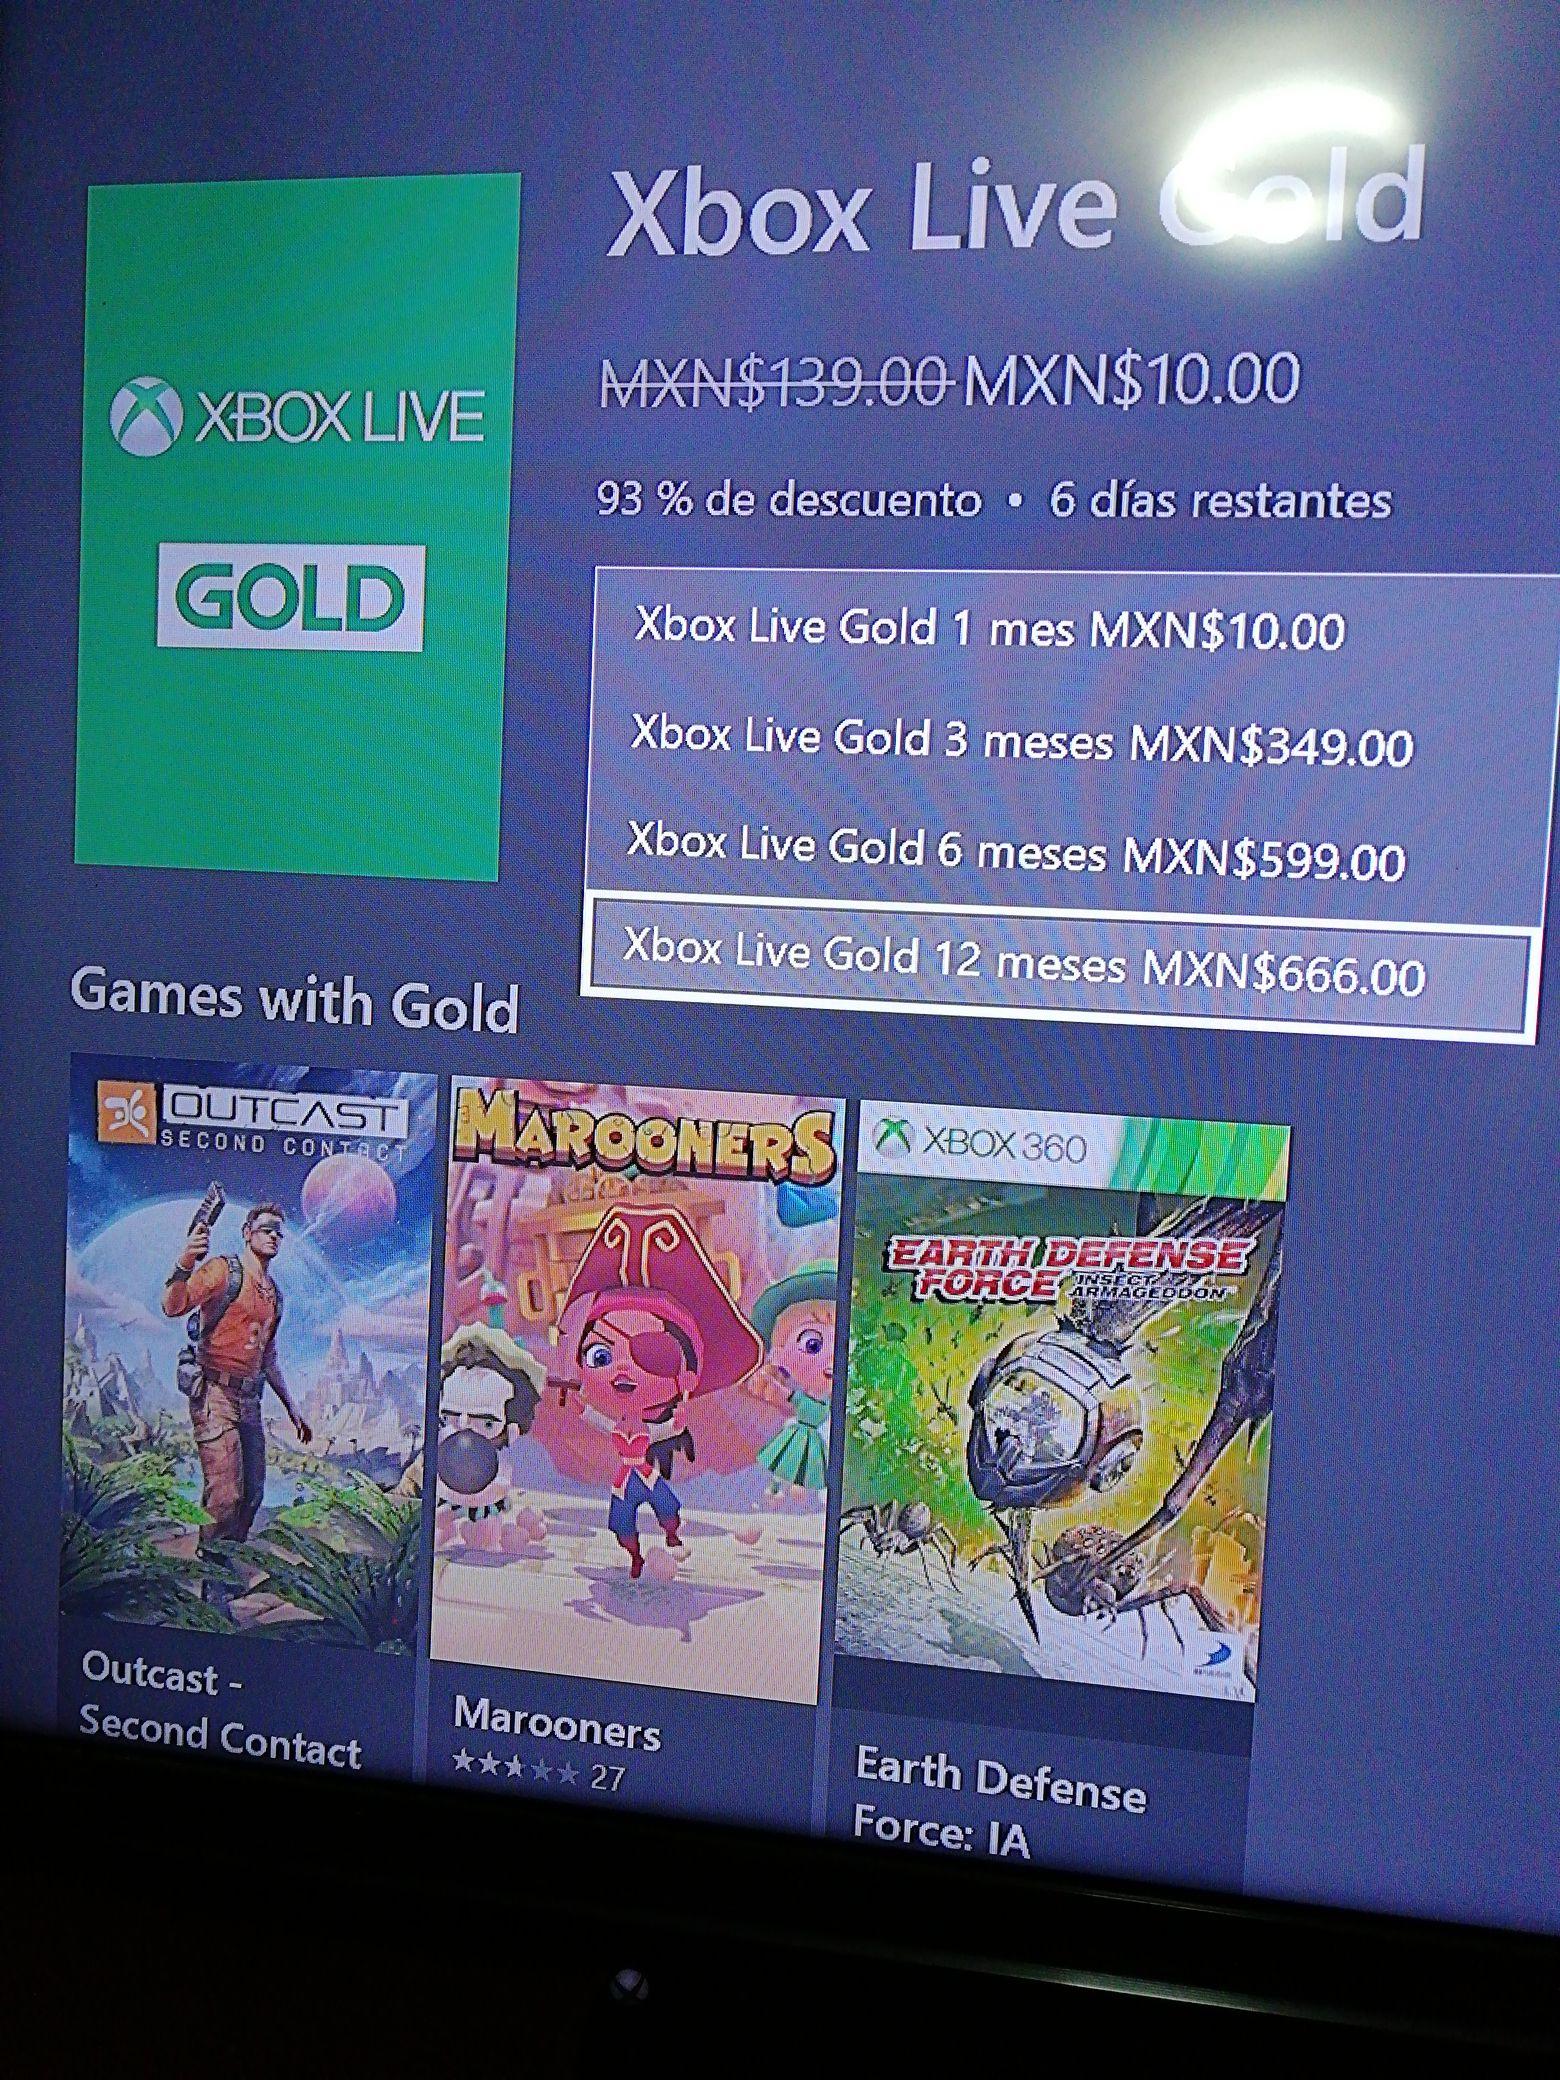 Microsoft Store: Xbox live gold 12 meses (Uuarios seleccionados)